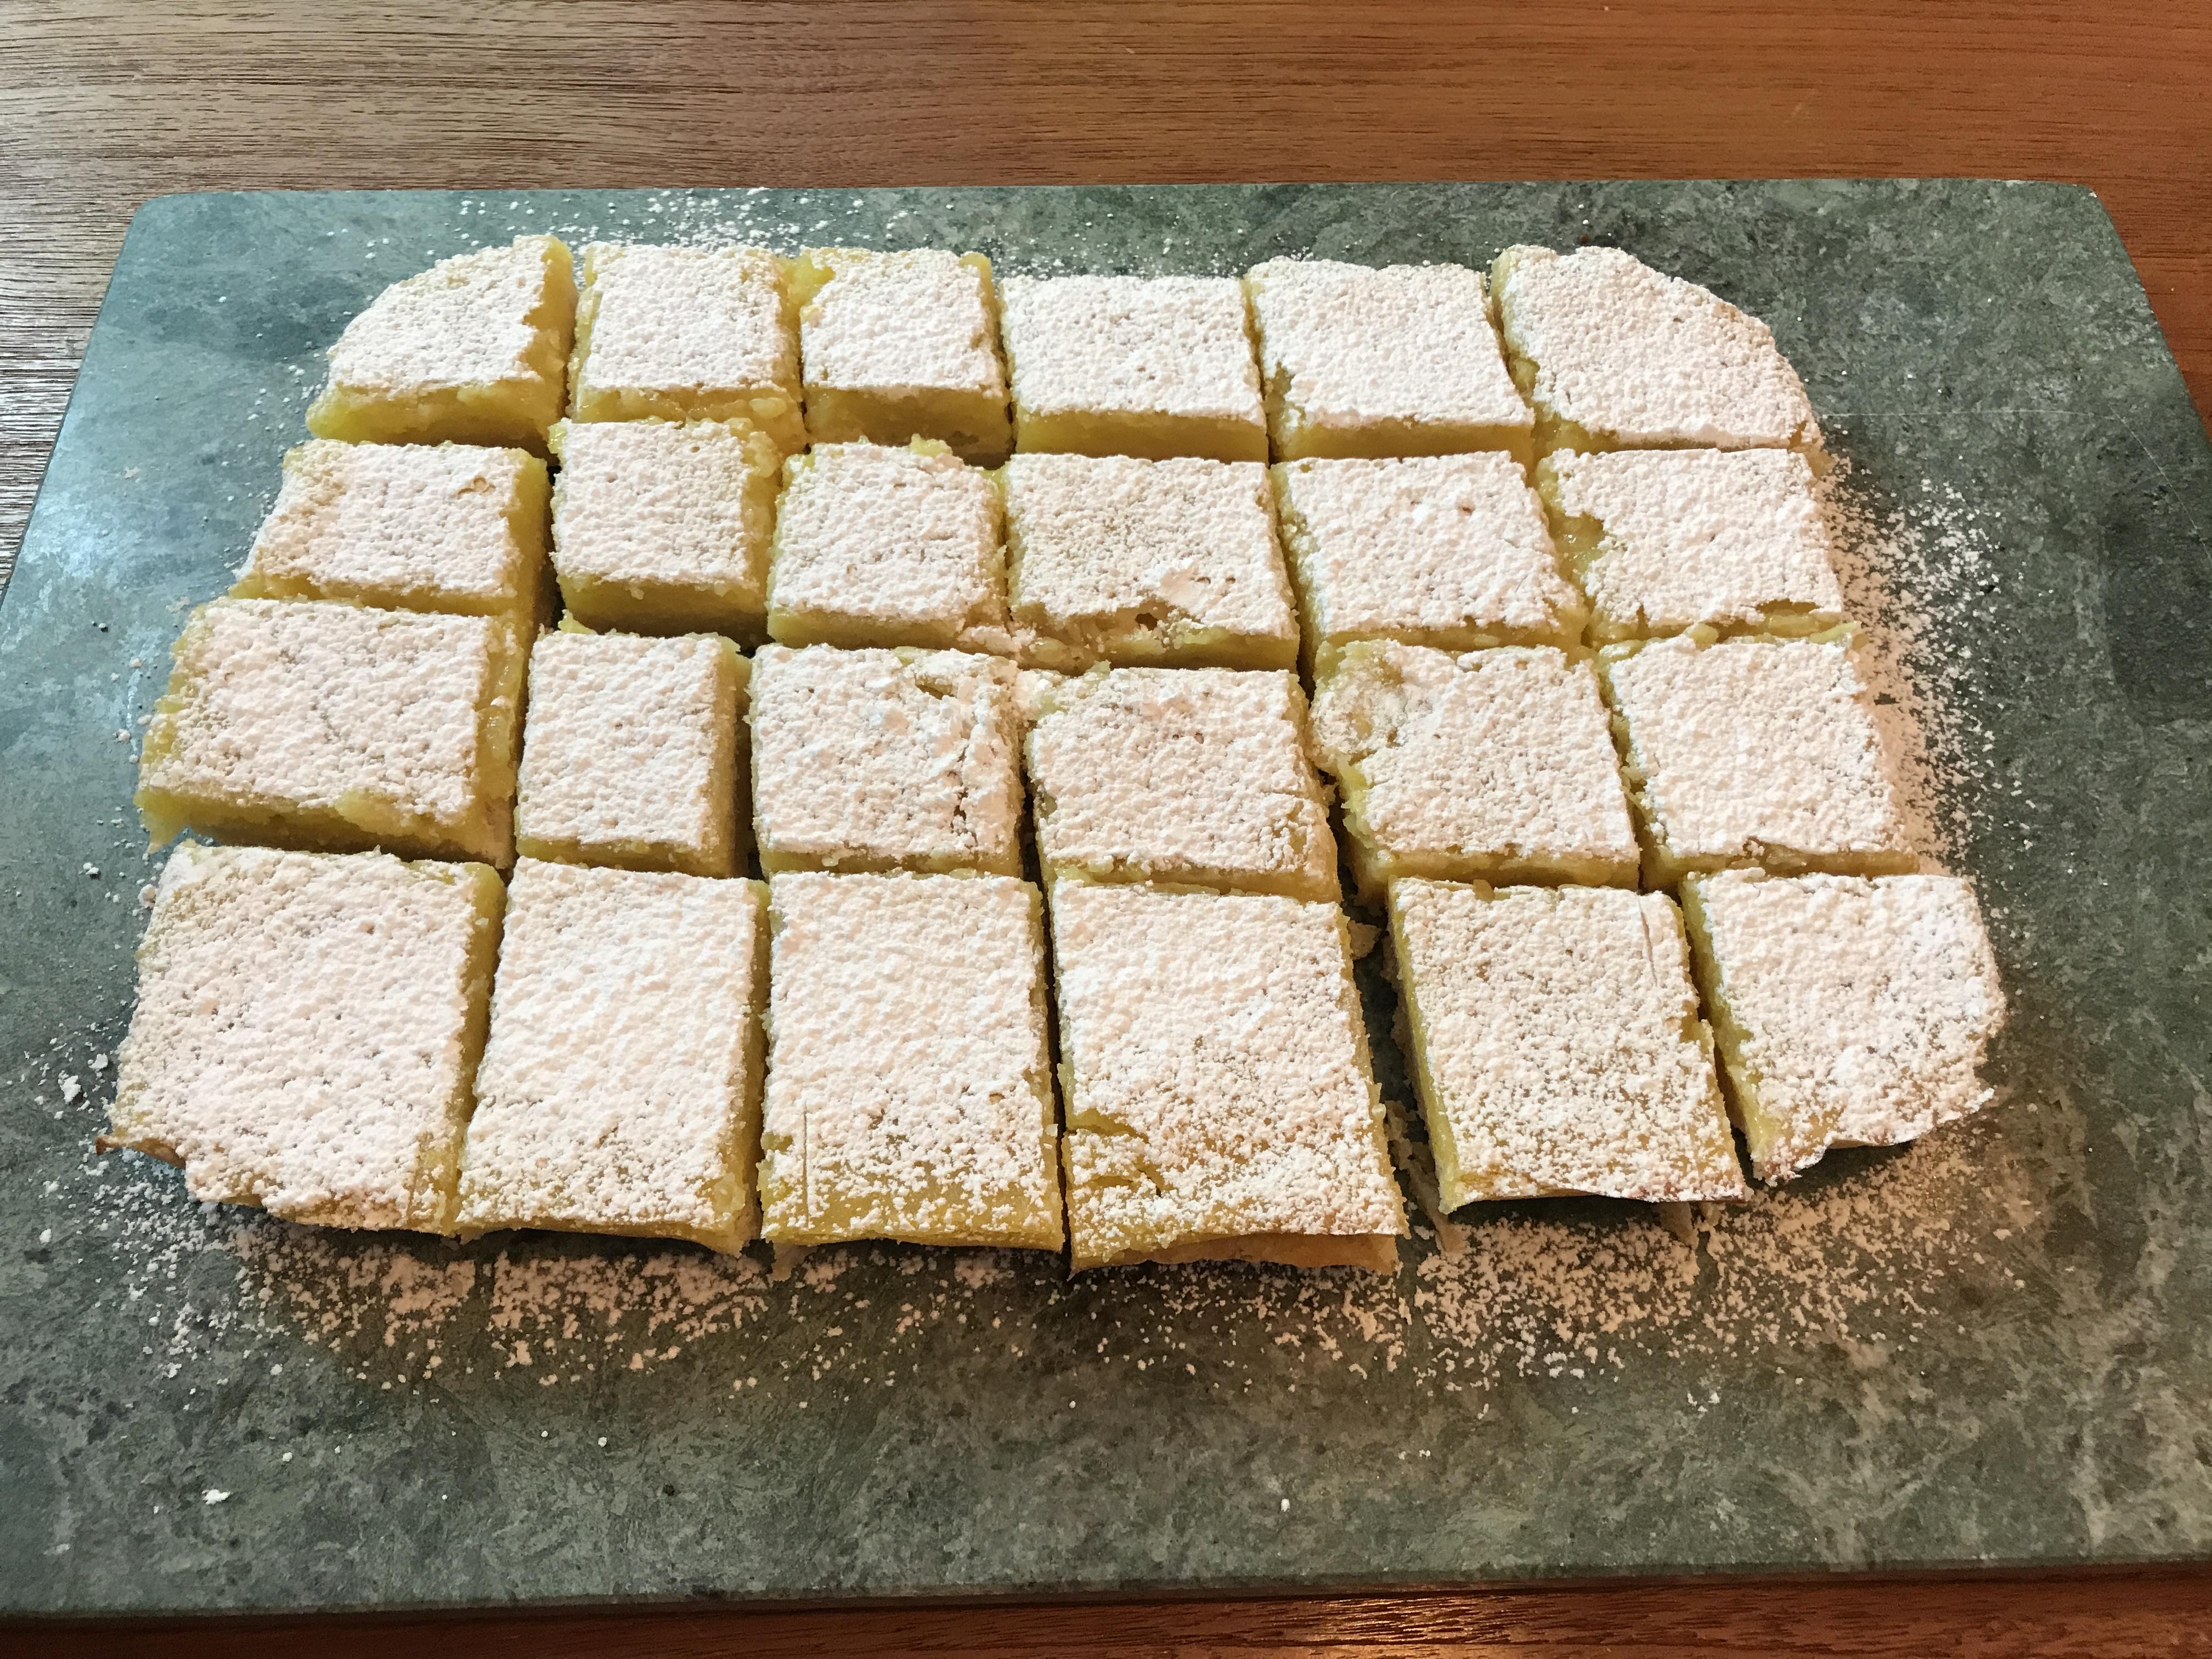 KitchAnnette Lemon Bars All Cut